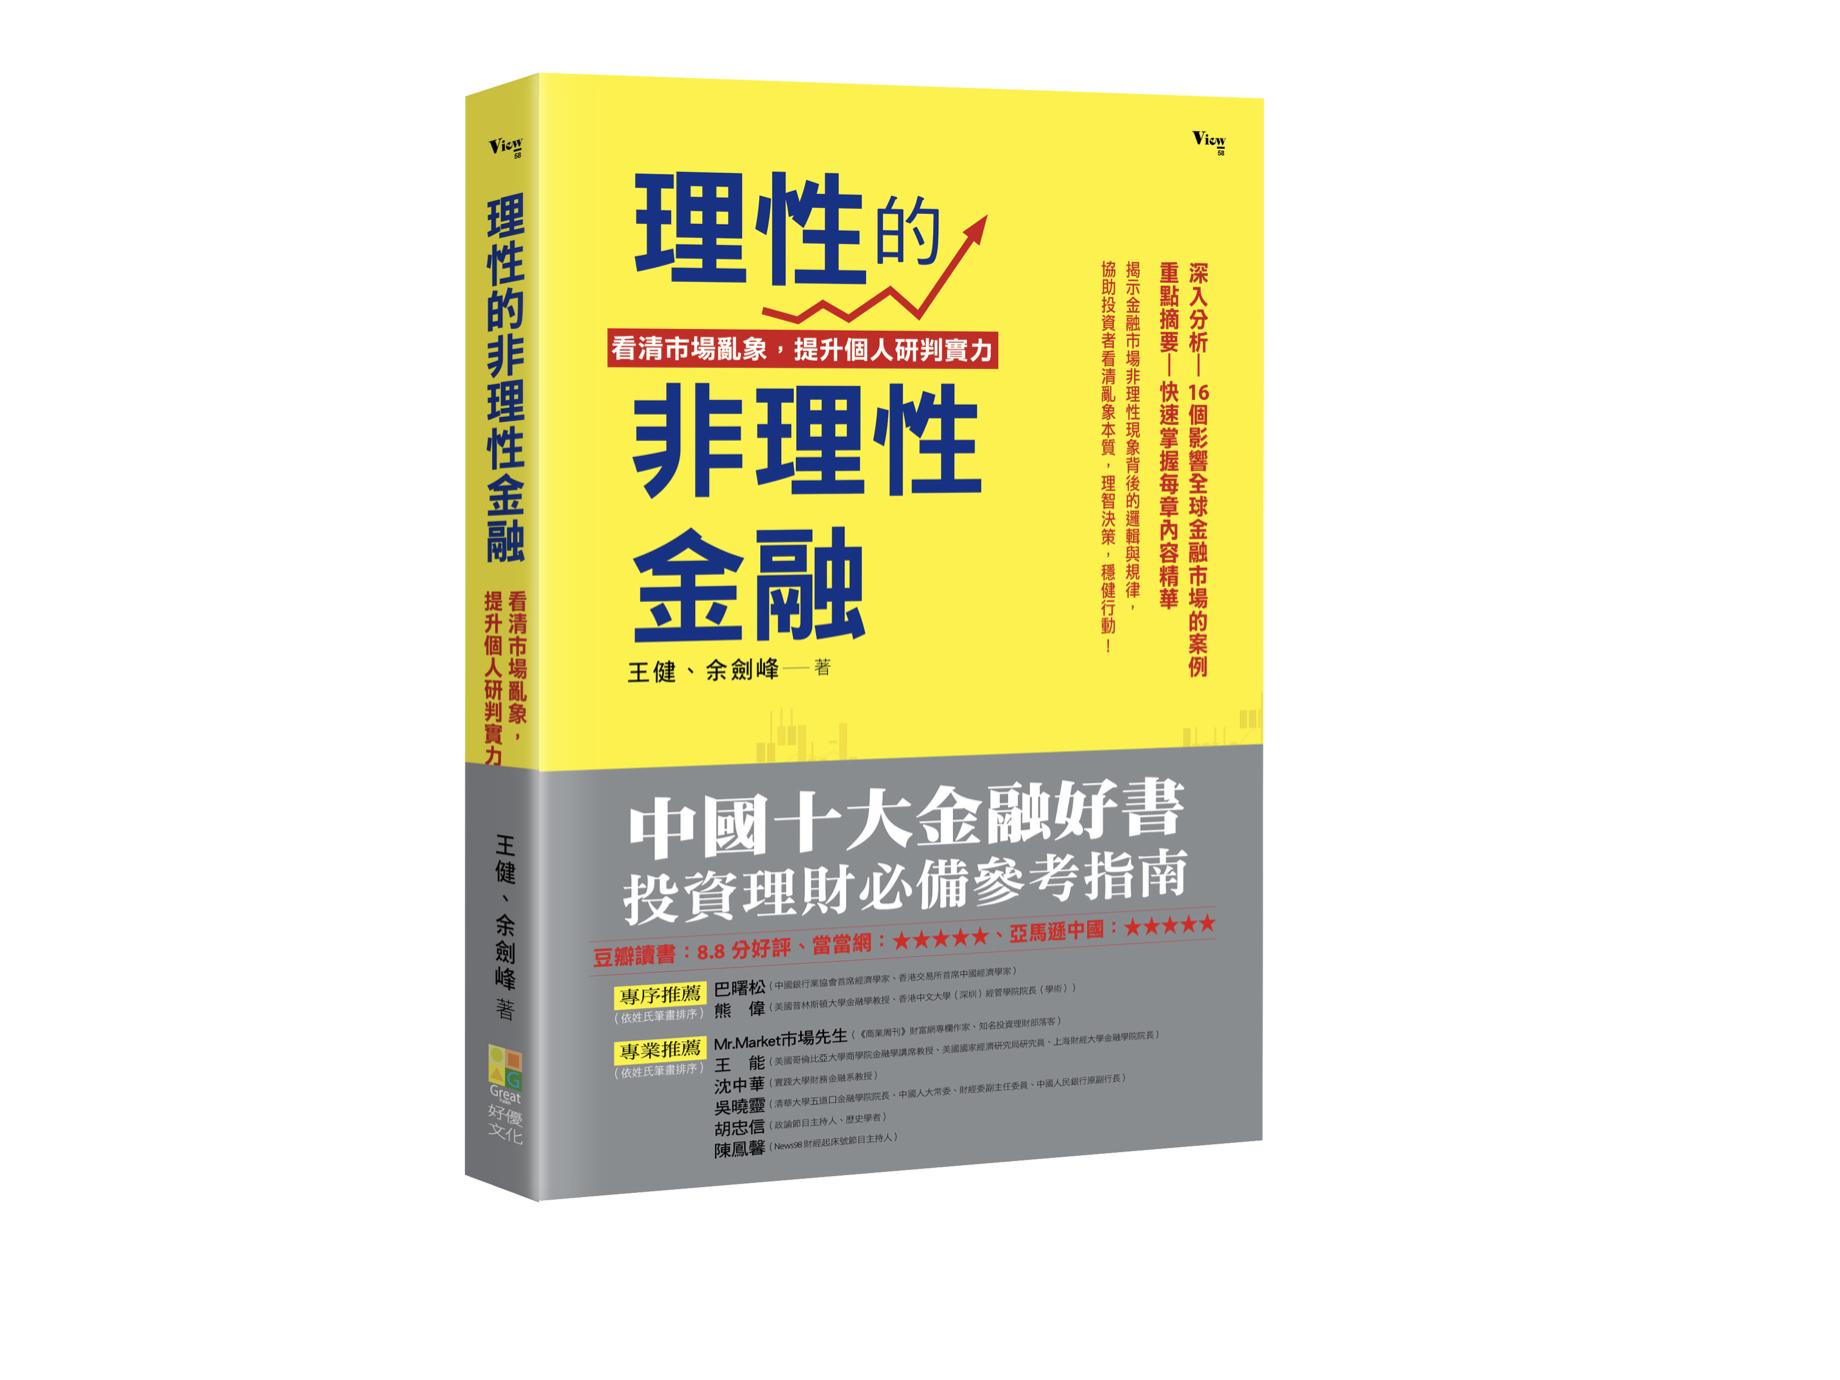 新書搶先看》看清市場亂象,資產泡沫的原因和危害